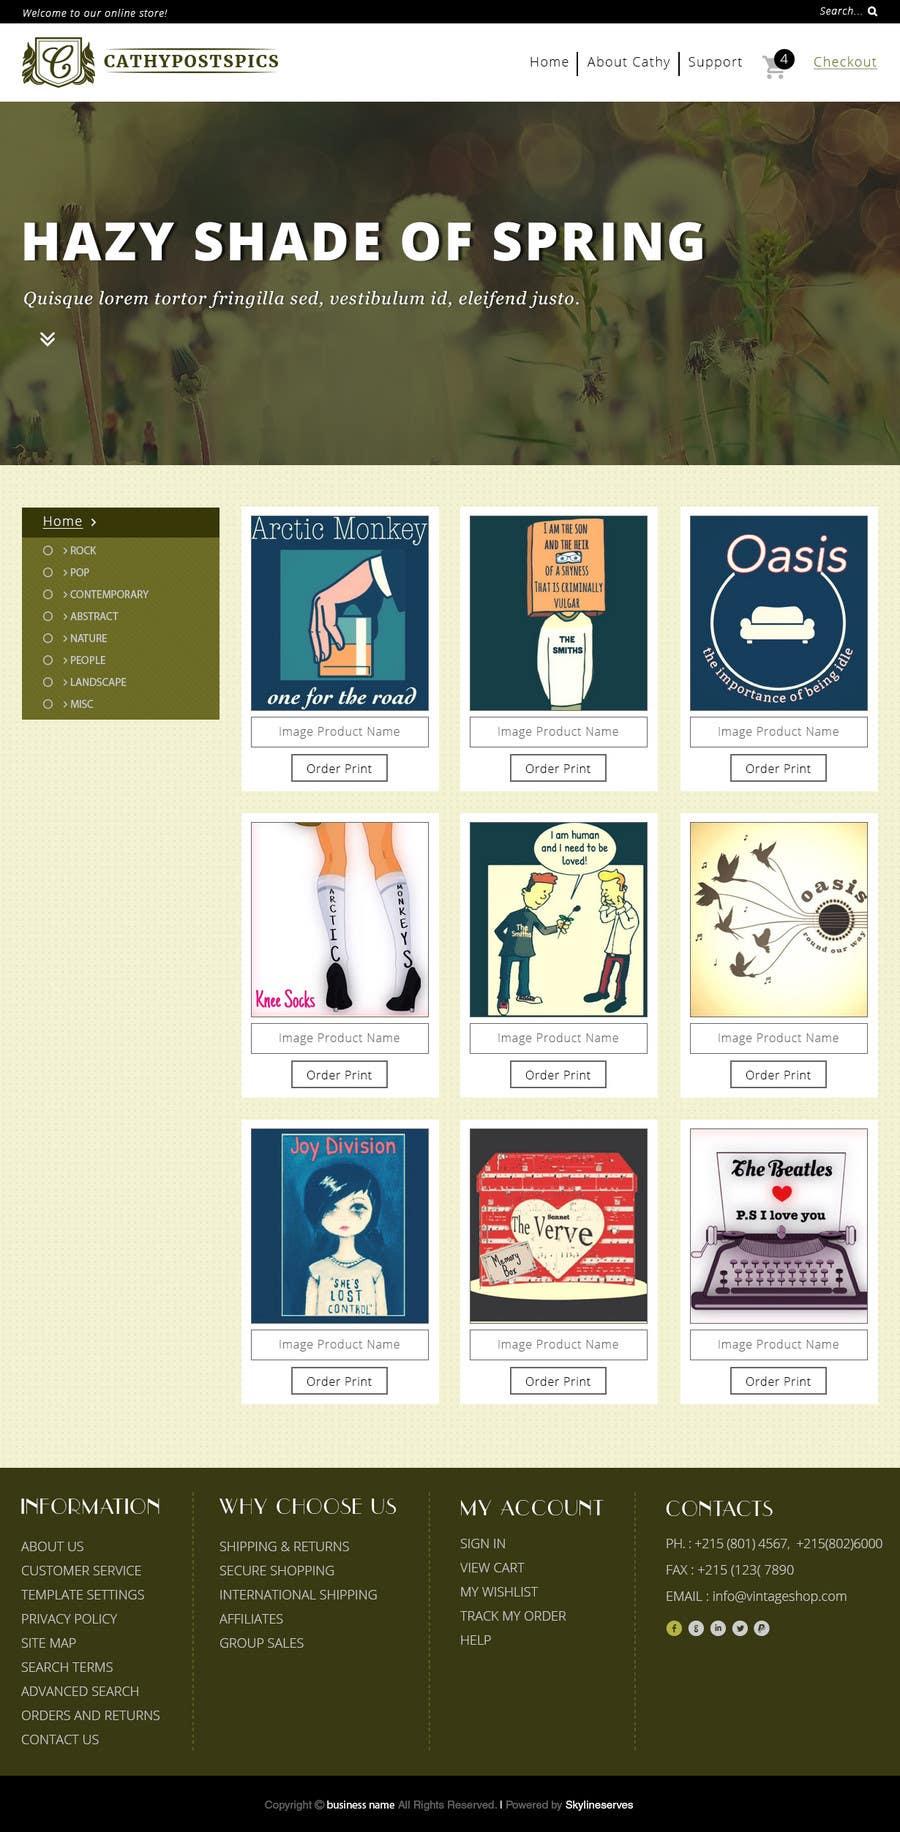 Konkurrenceindlæg #                                        39                                      for                                         Cathy Posts Pics - Website Design